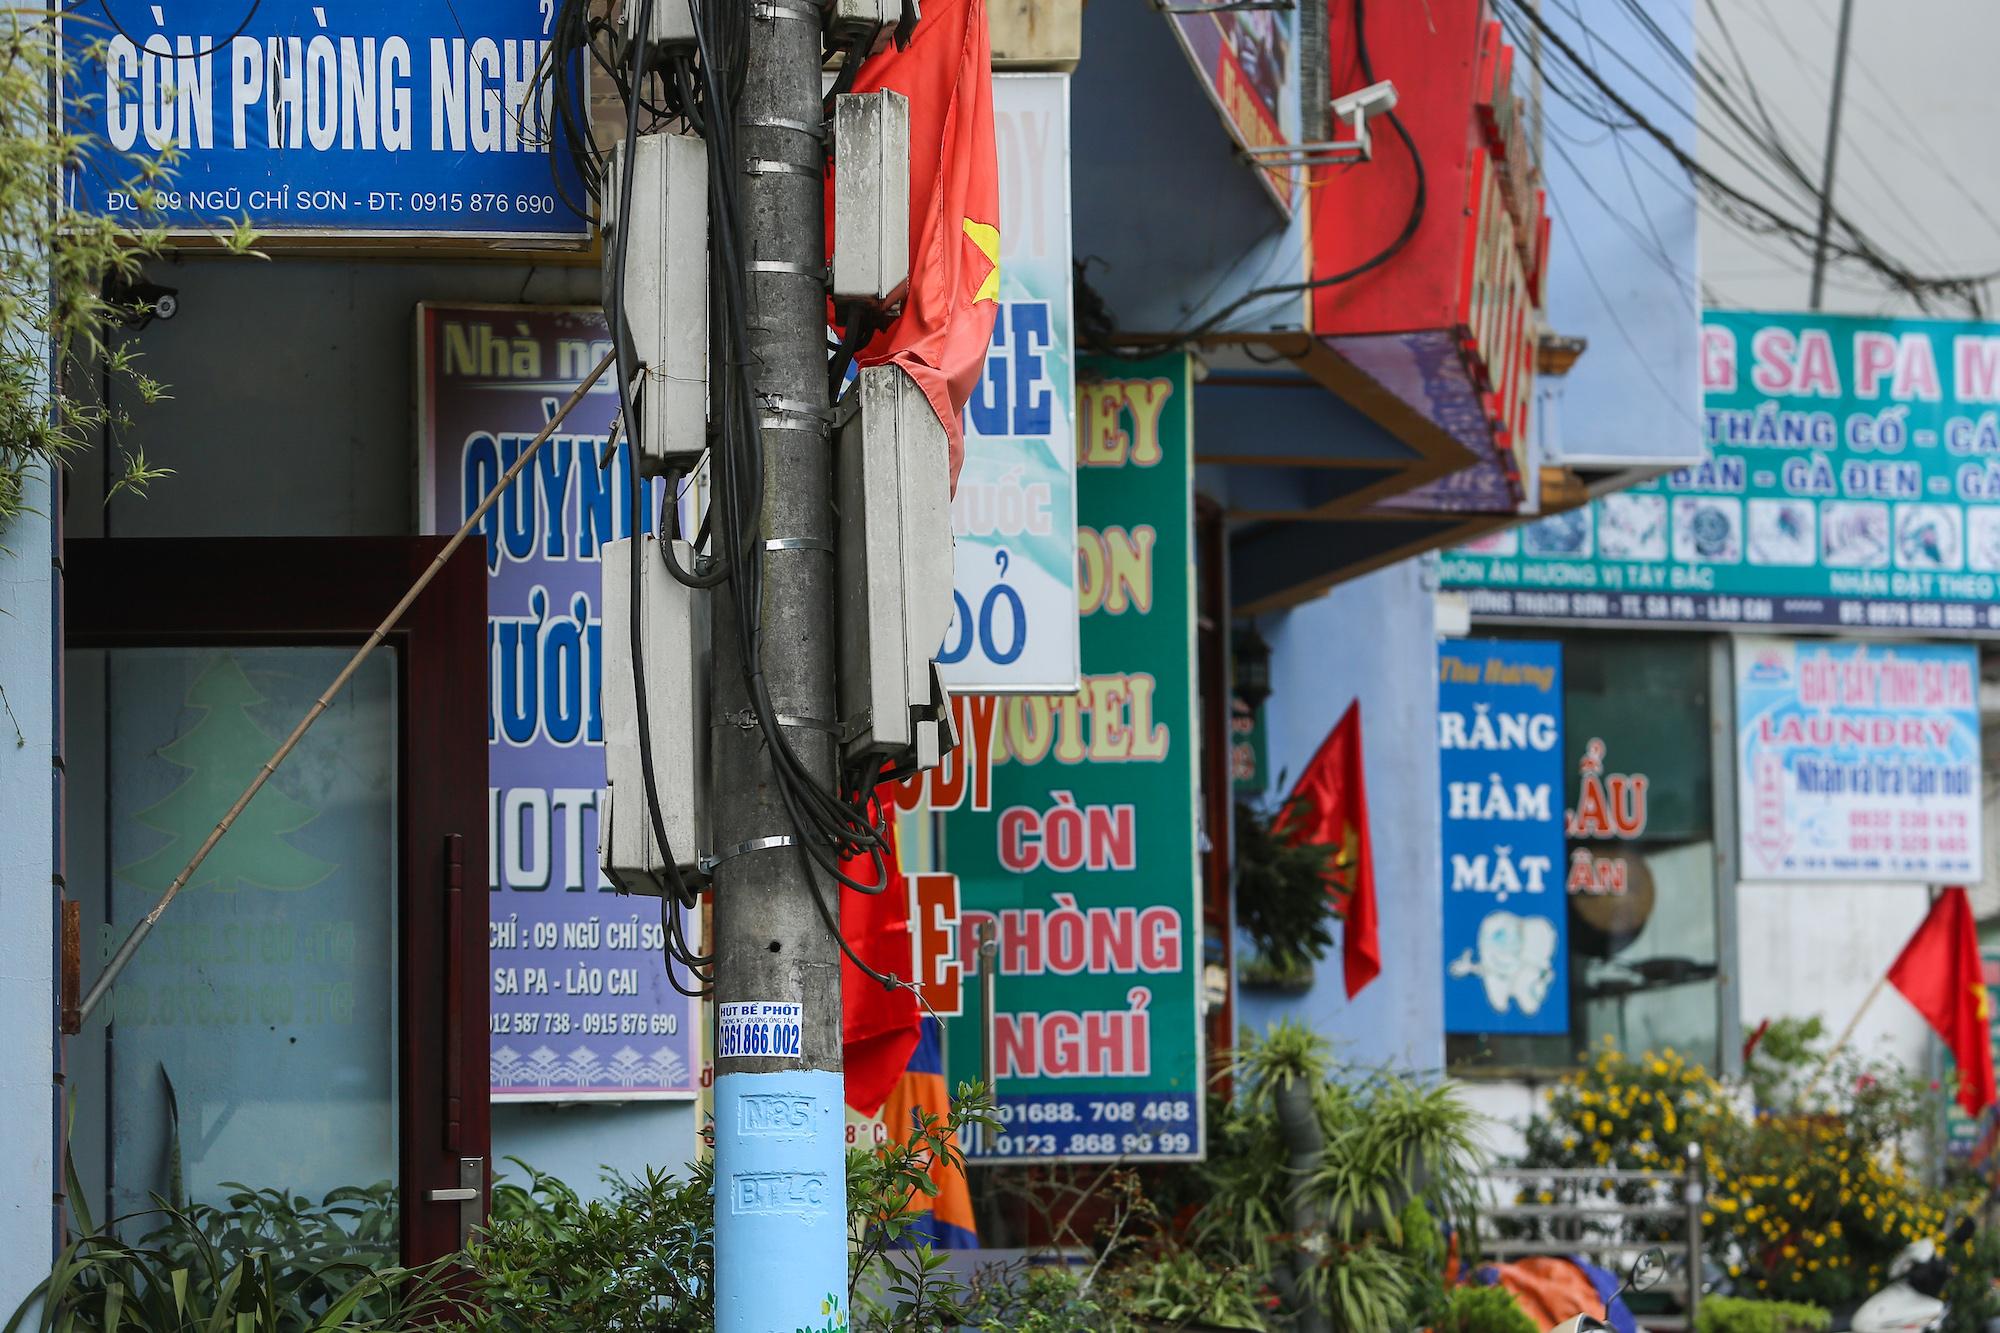 Các nhà nghỉ trên đường Điện Biên Phủ treo biển còn phòng trống chiều 30/4. Ảnh: Toàn Vũ.